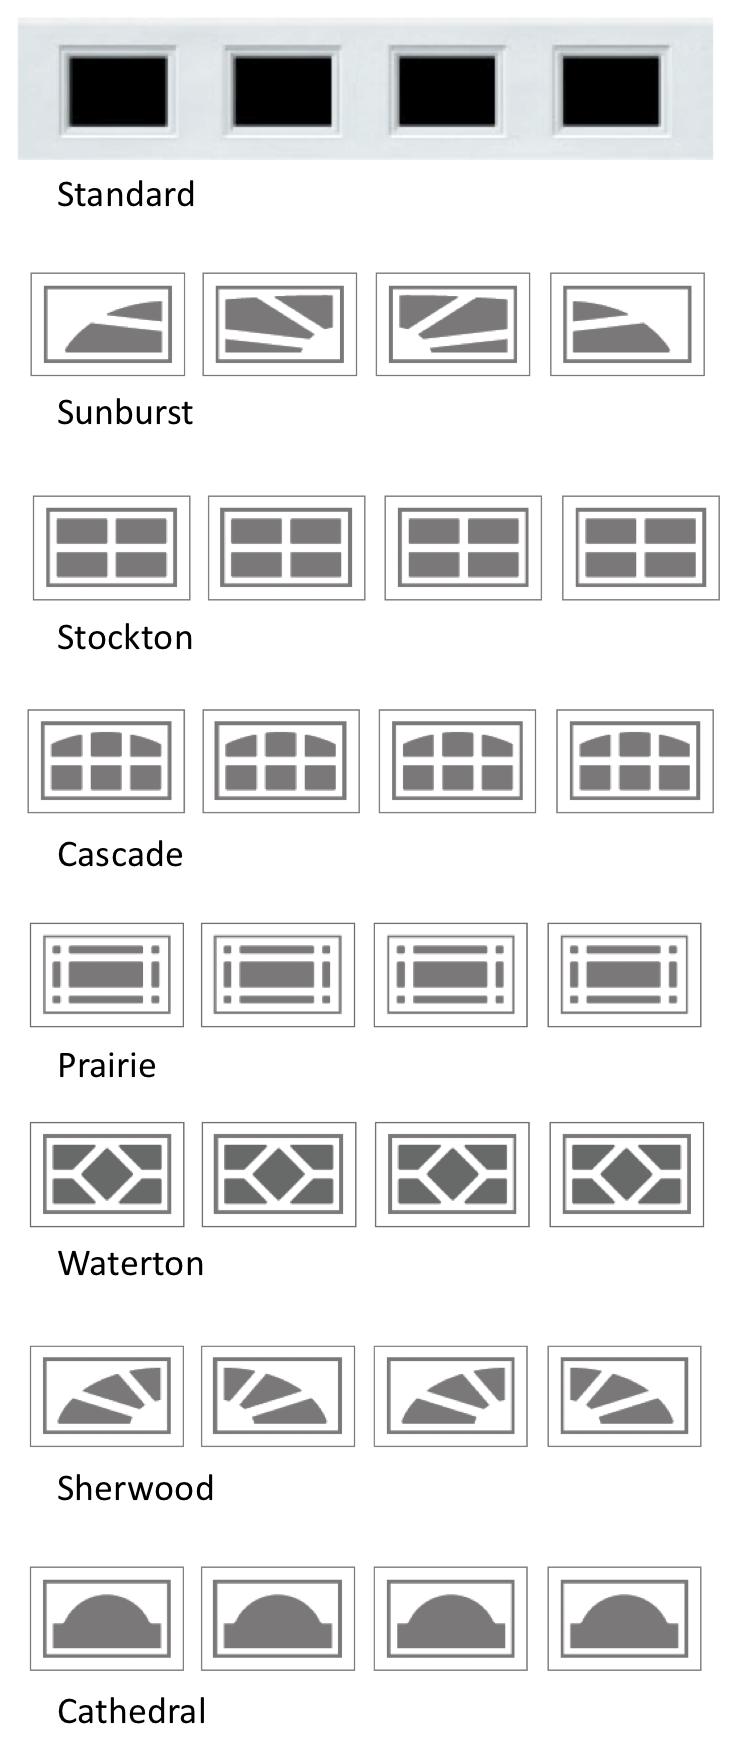 standard-door-glass-options.png